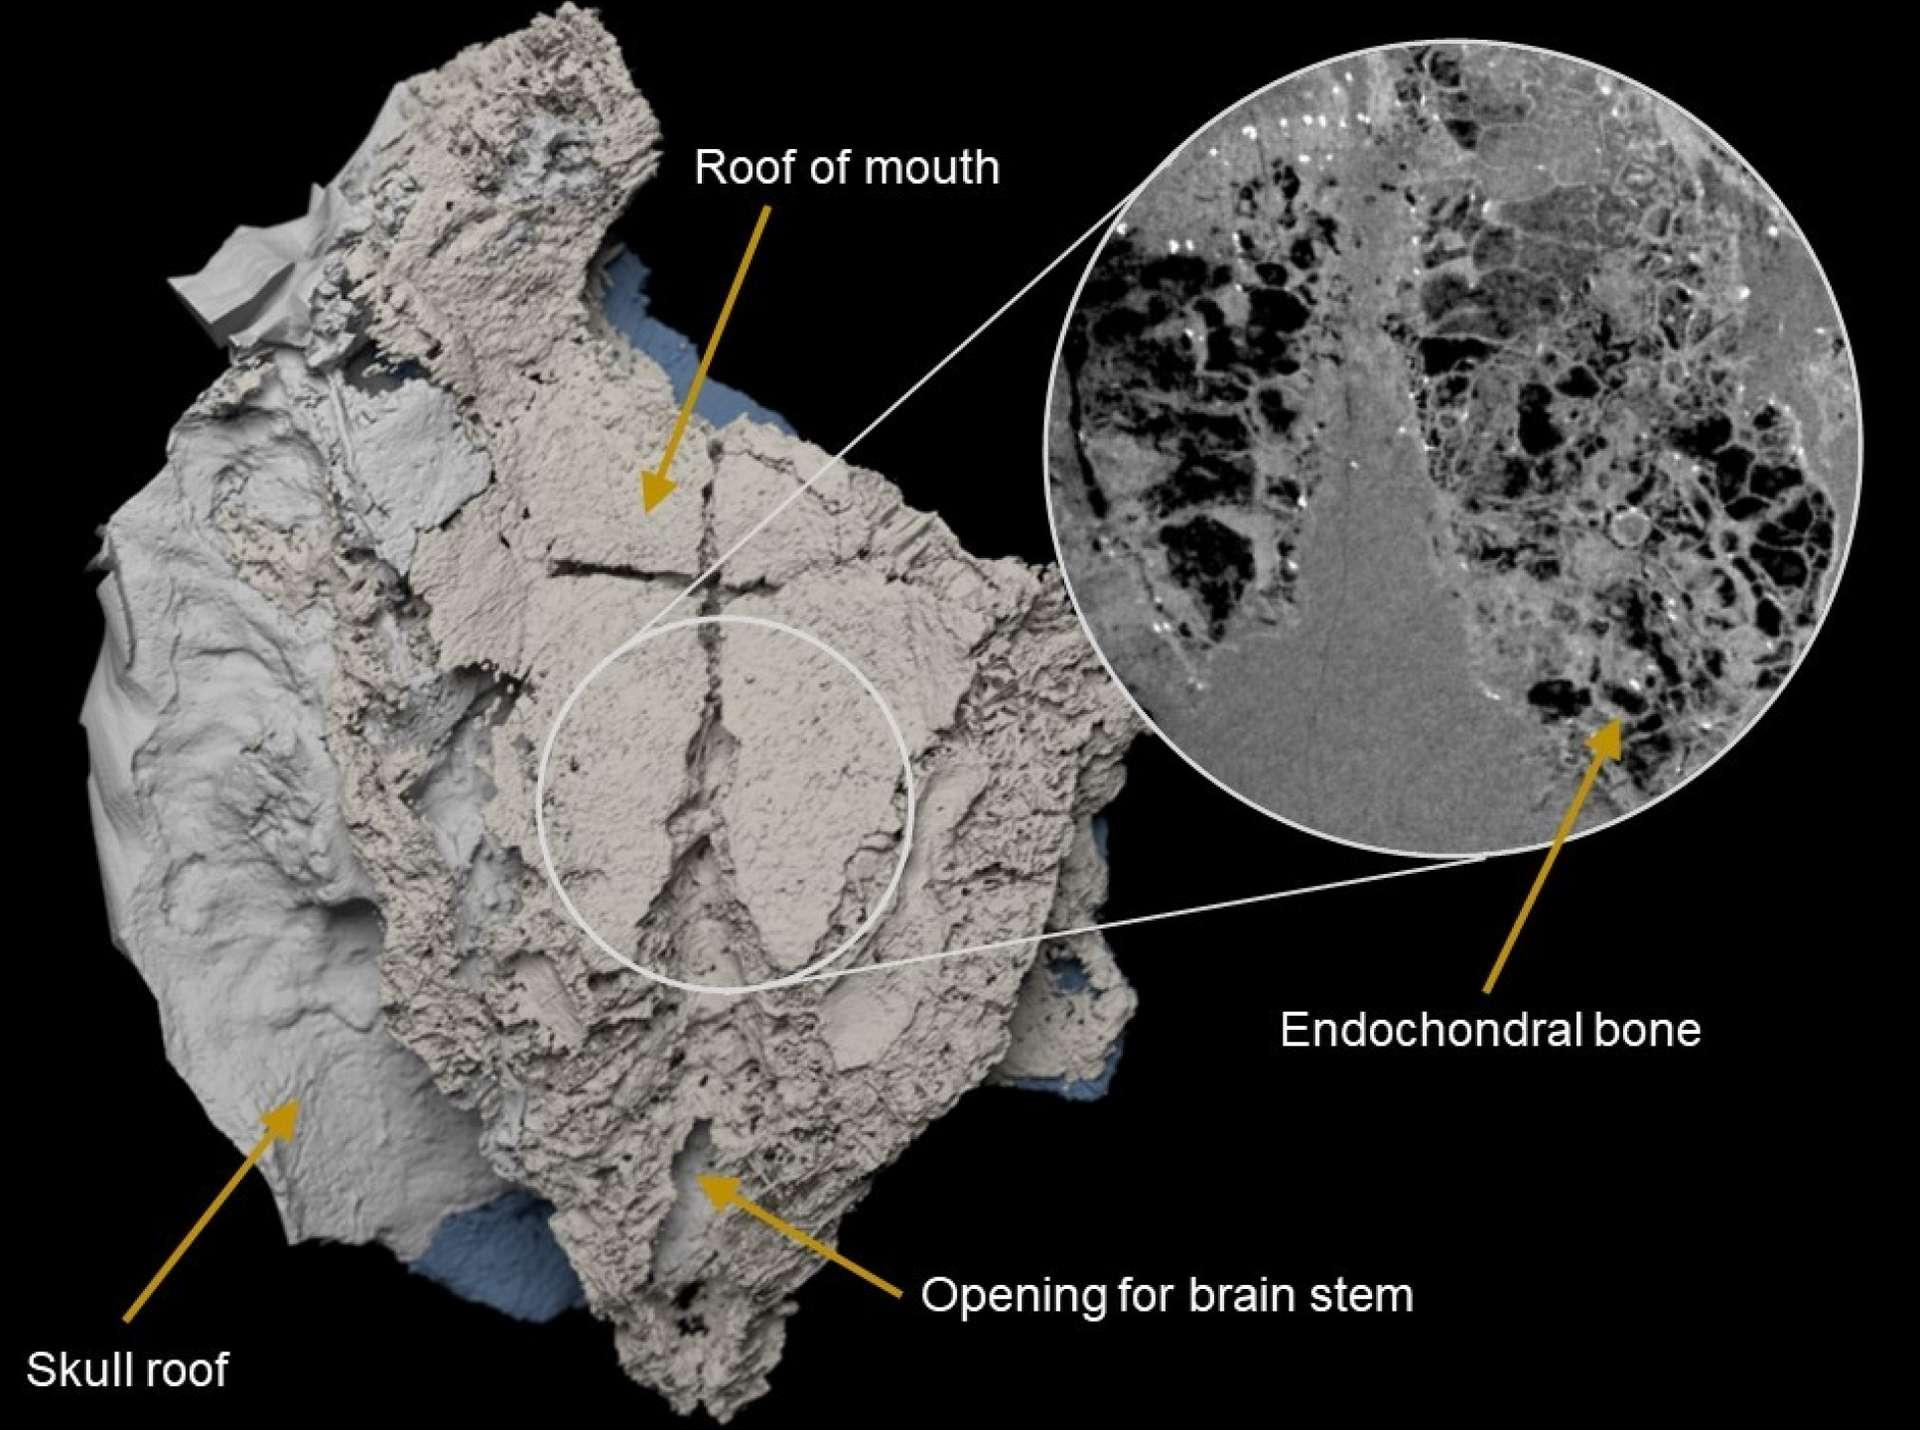 Voici un modèle 3D virtuel du fossile de Minjinia turgenensis, dont l'os endochondral est visualisé dans un encart. © Brazeau et al. 2020, Nature Ecology & Evolution